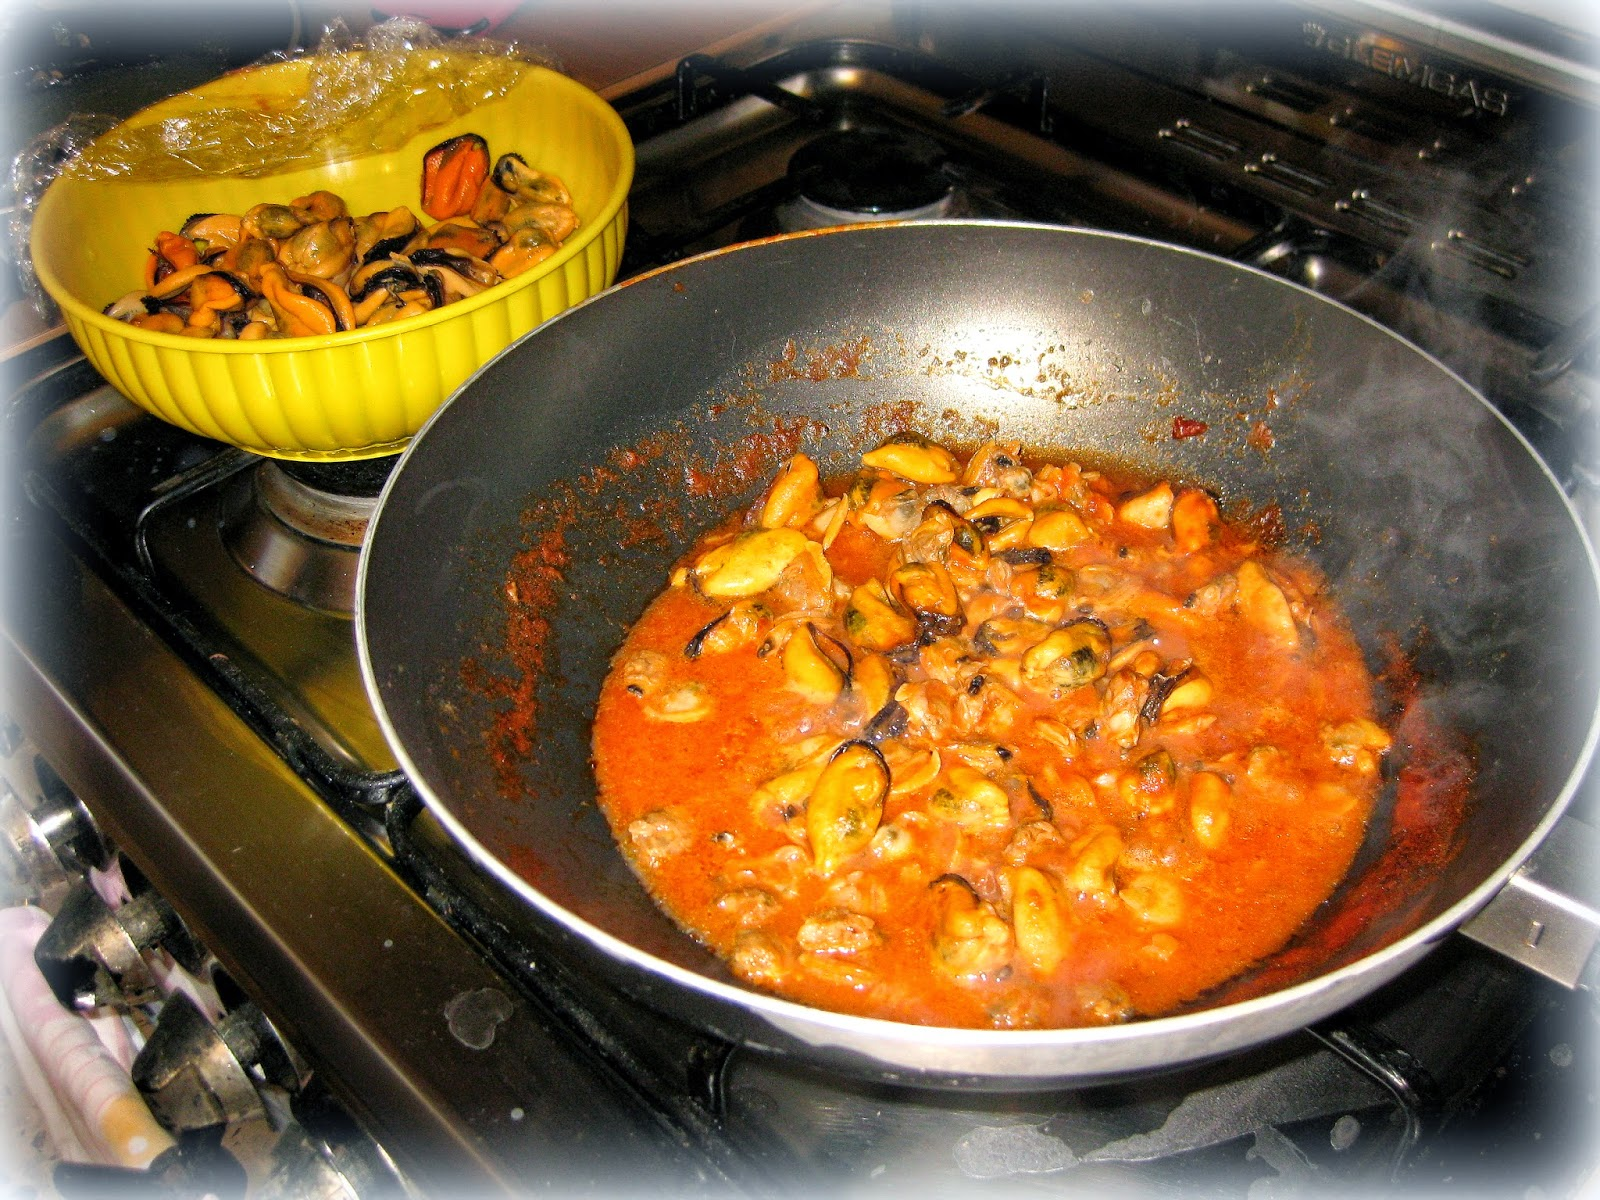 La ricetta degli spaghetti allo scoglio con cozze e vongole è perfetta per il pranzo della domenica.